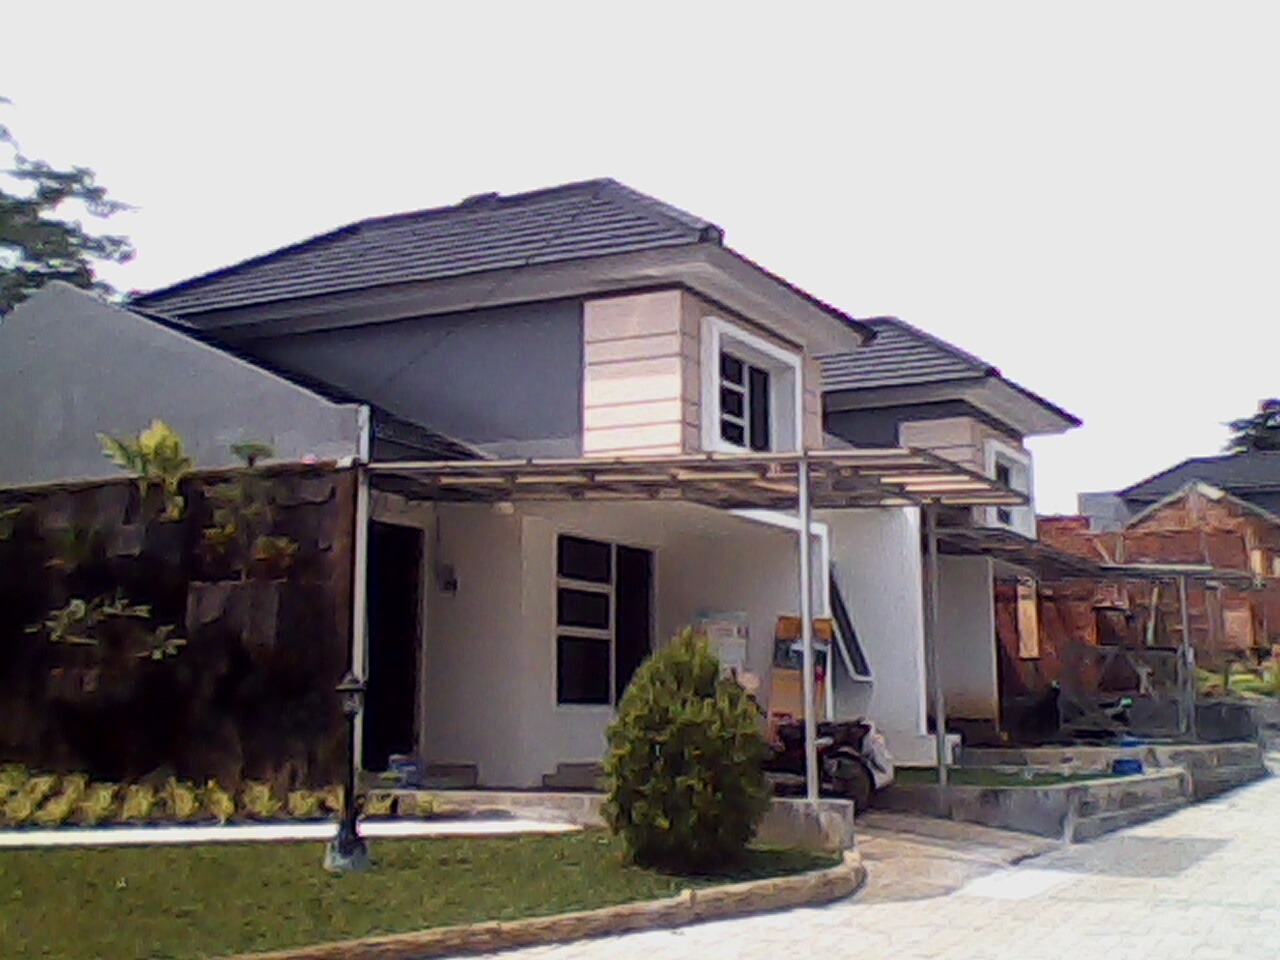 daftar perumahan baru 2014 di indonesia terlengkap terkini